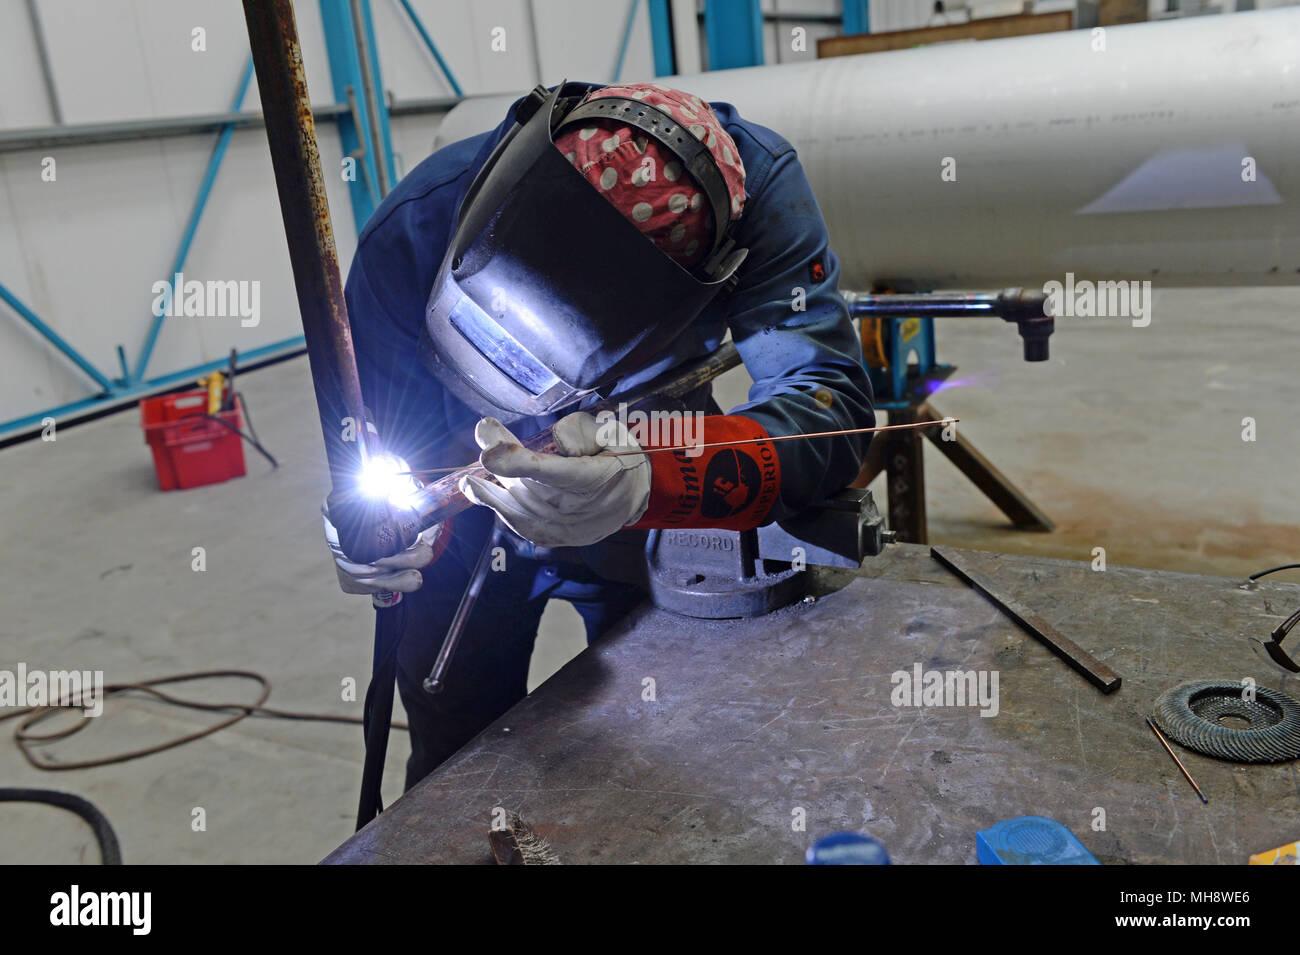 Tubo de solda soldador juntos em uma oficina de fabricação Imagens de Stock